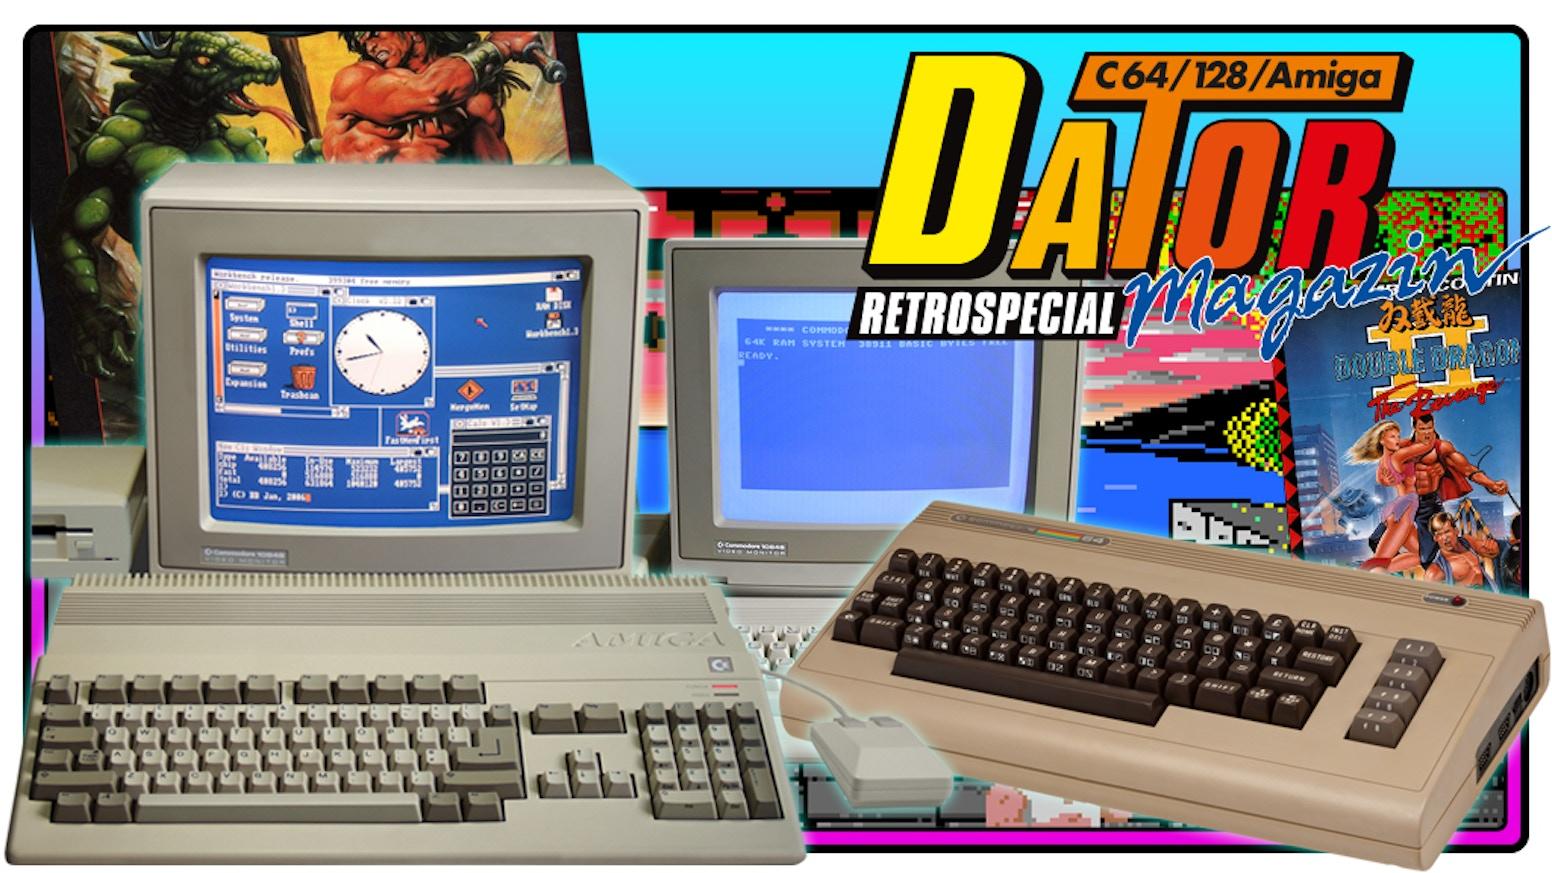 Gänget bakom Datormagazin återvänder till begynnelsen och gör en retrotidning om Commodore, Amiga, emulatorer och mycket mer.